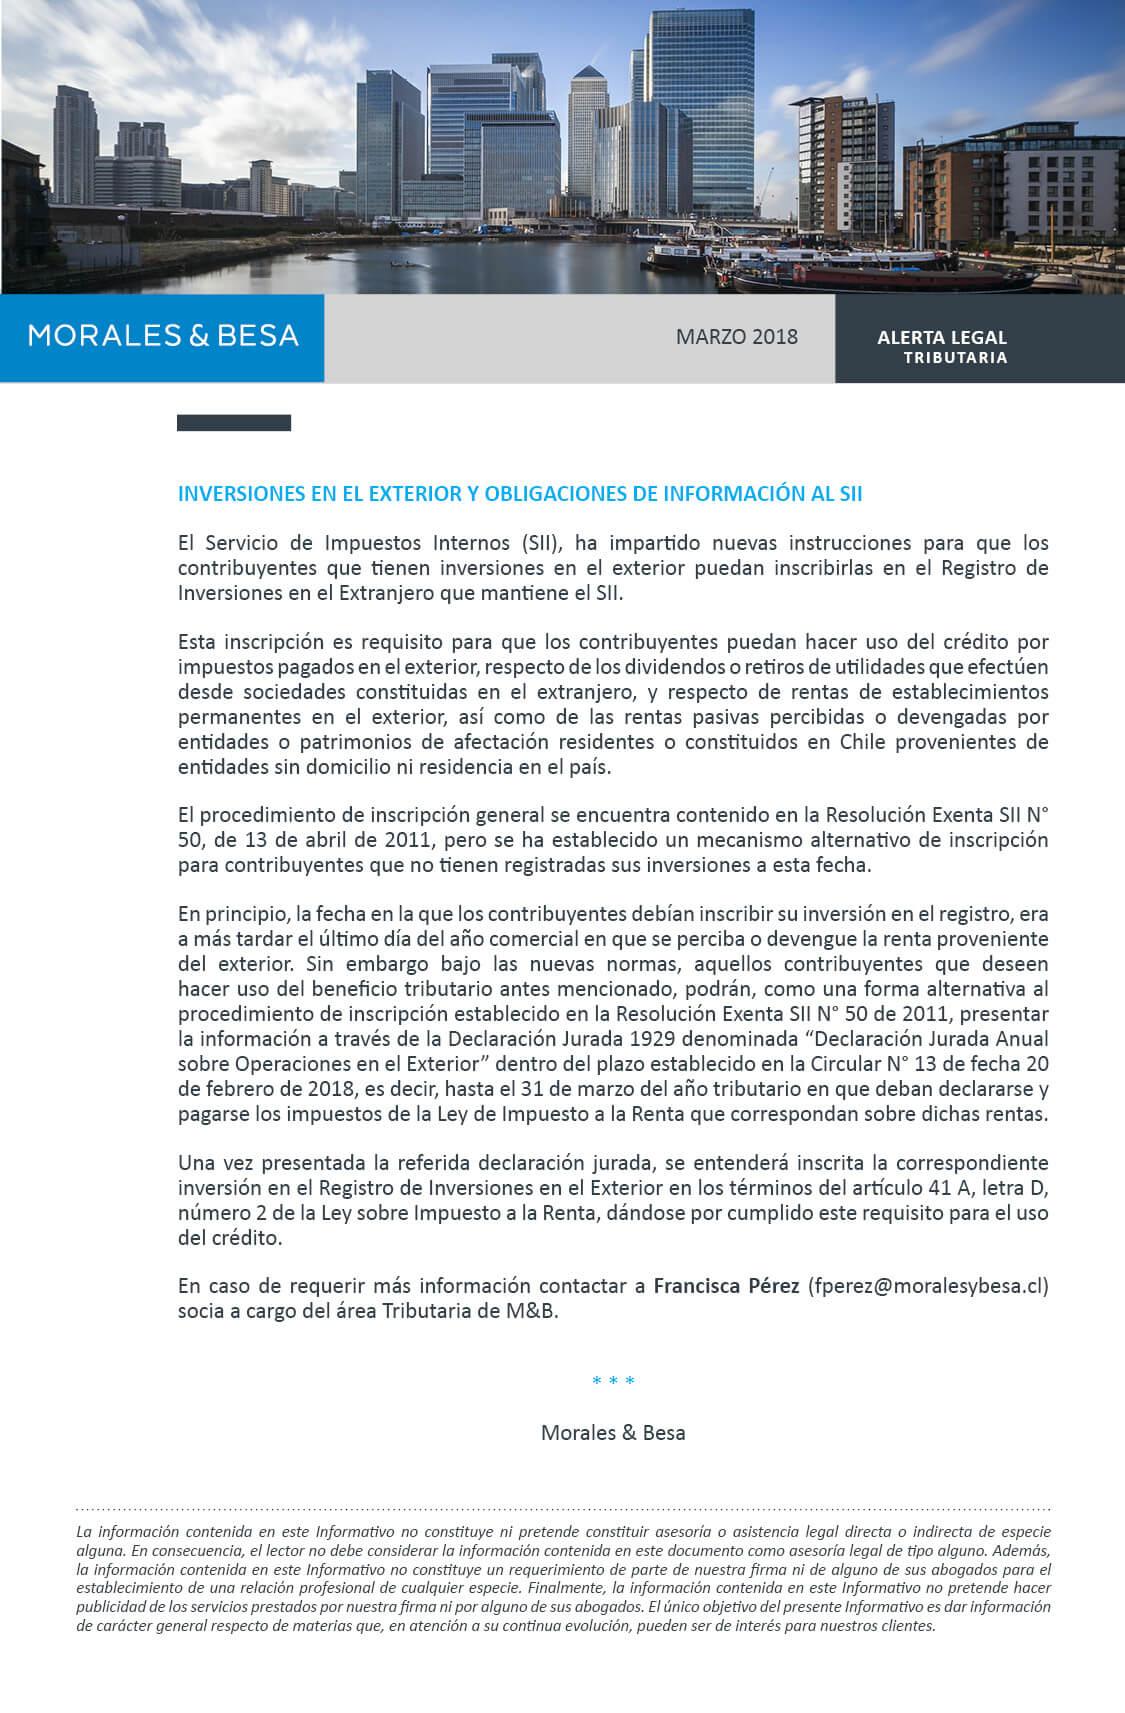 Morales & Besa_Alerta Legal_Tributaria_Marzo 2018